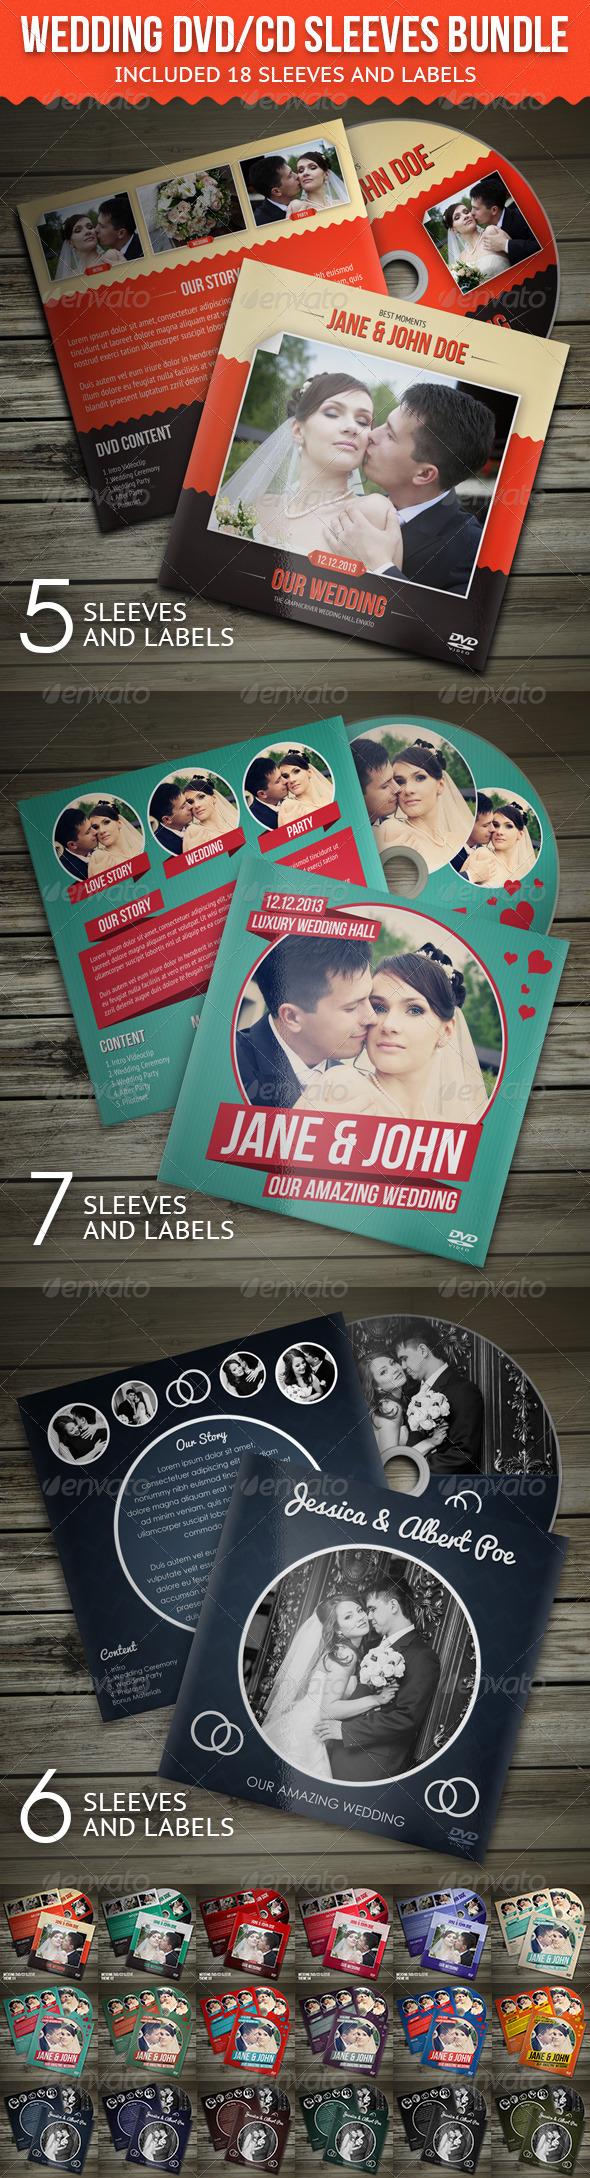 Wedding DVD CD Sleeves Bundle